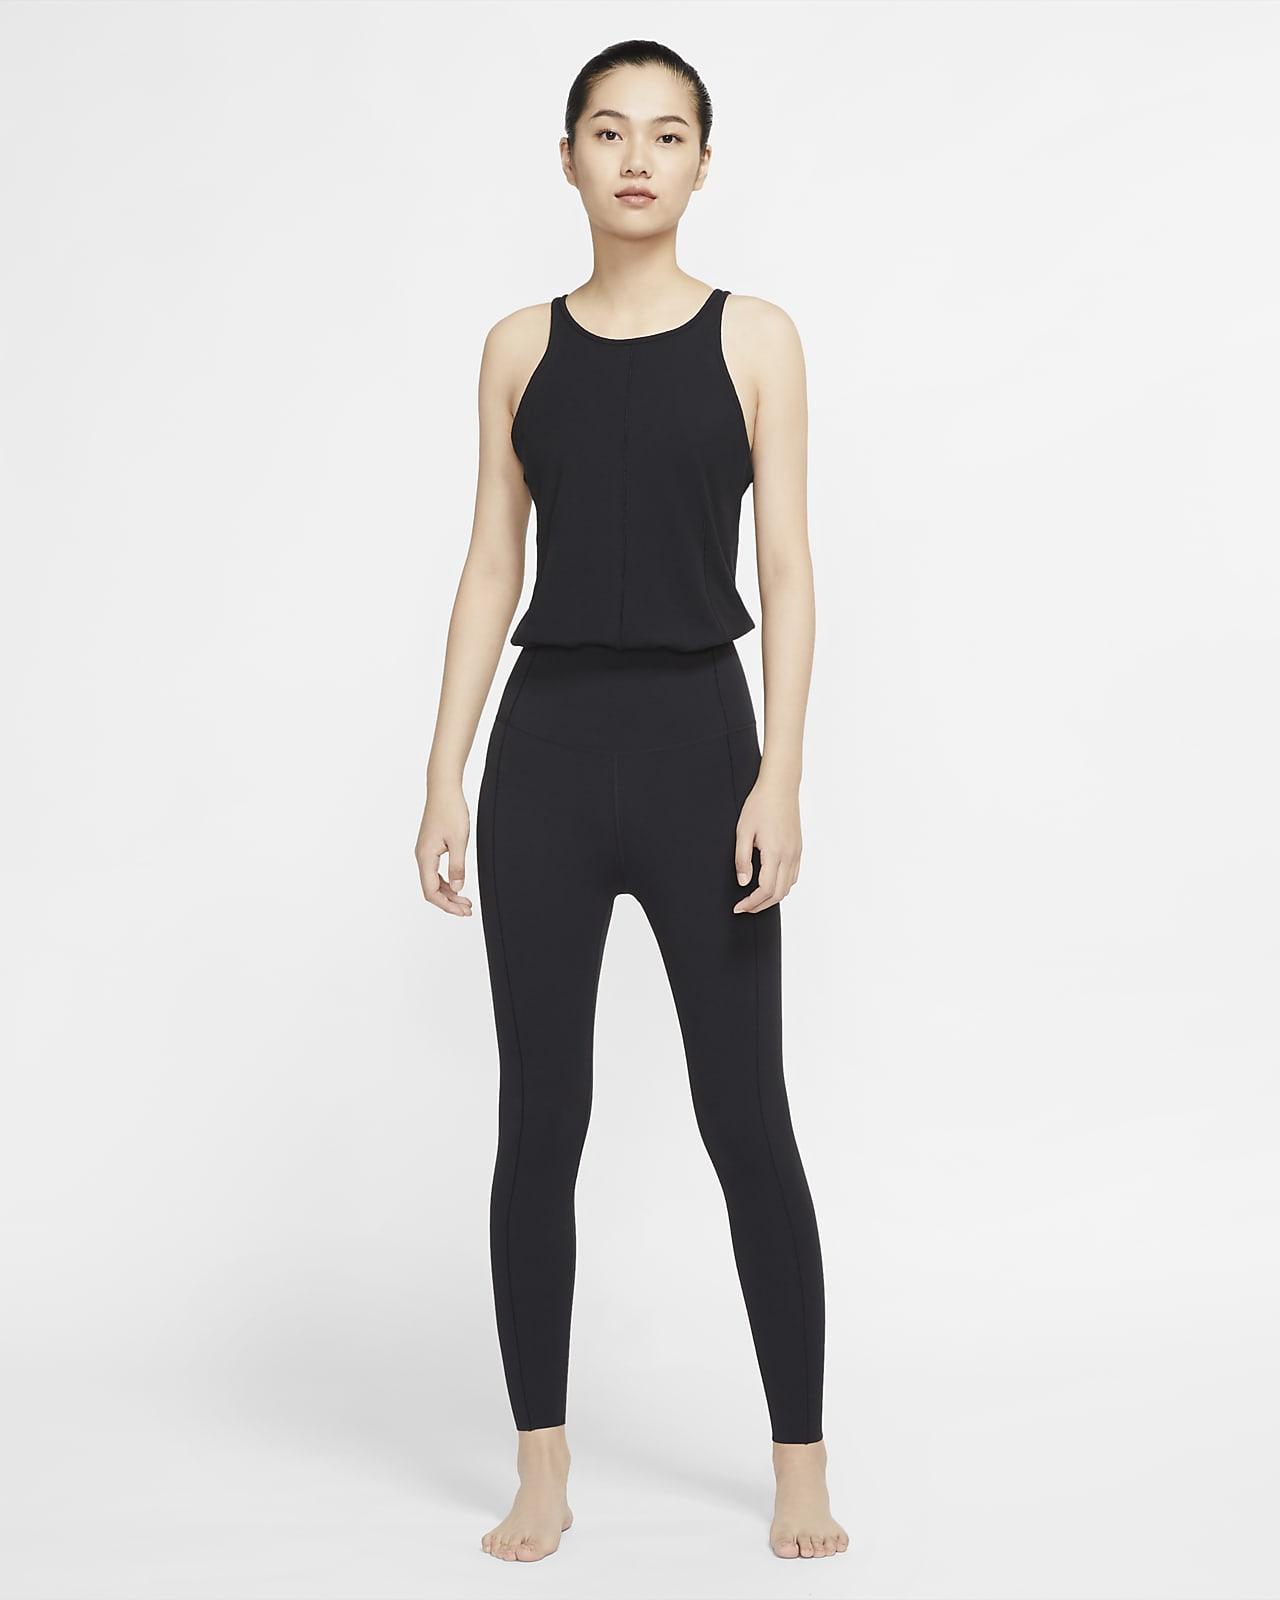 Γυναικεία ολόσωμη φόρμα Infinalon Nike Yoga